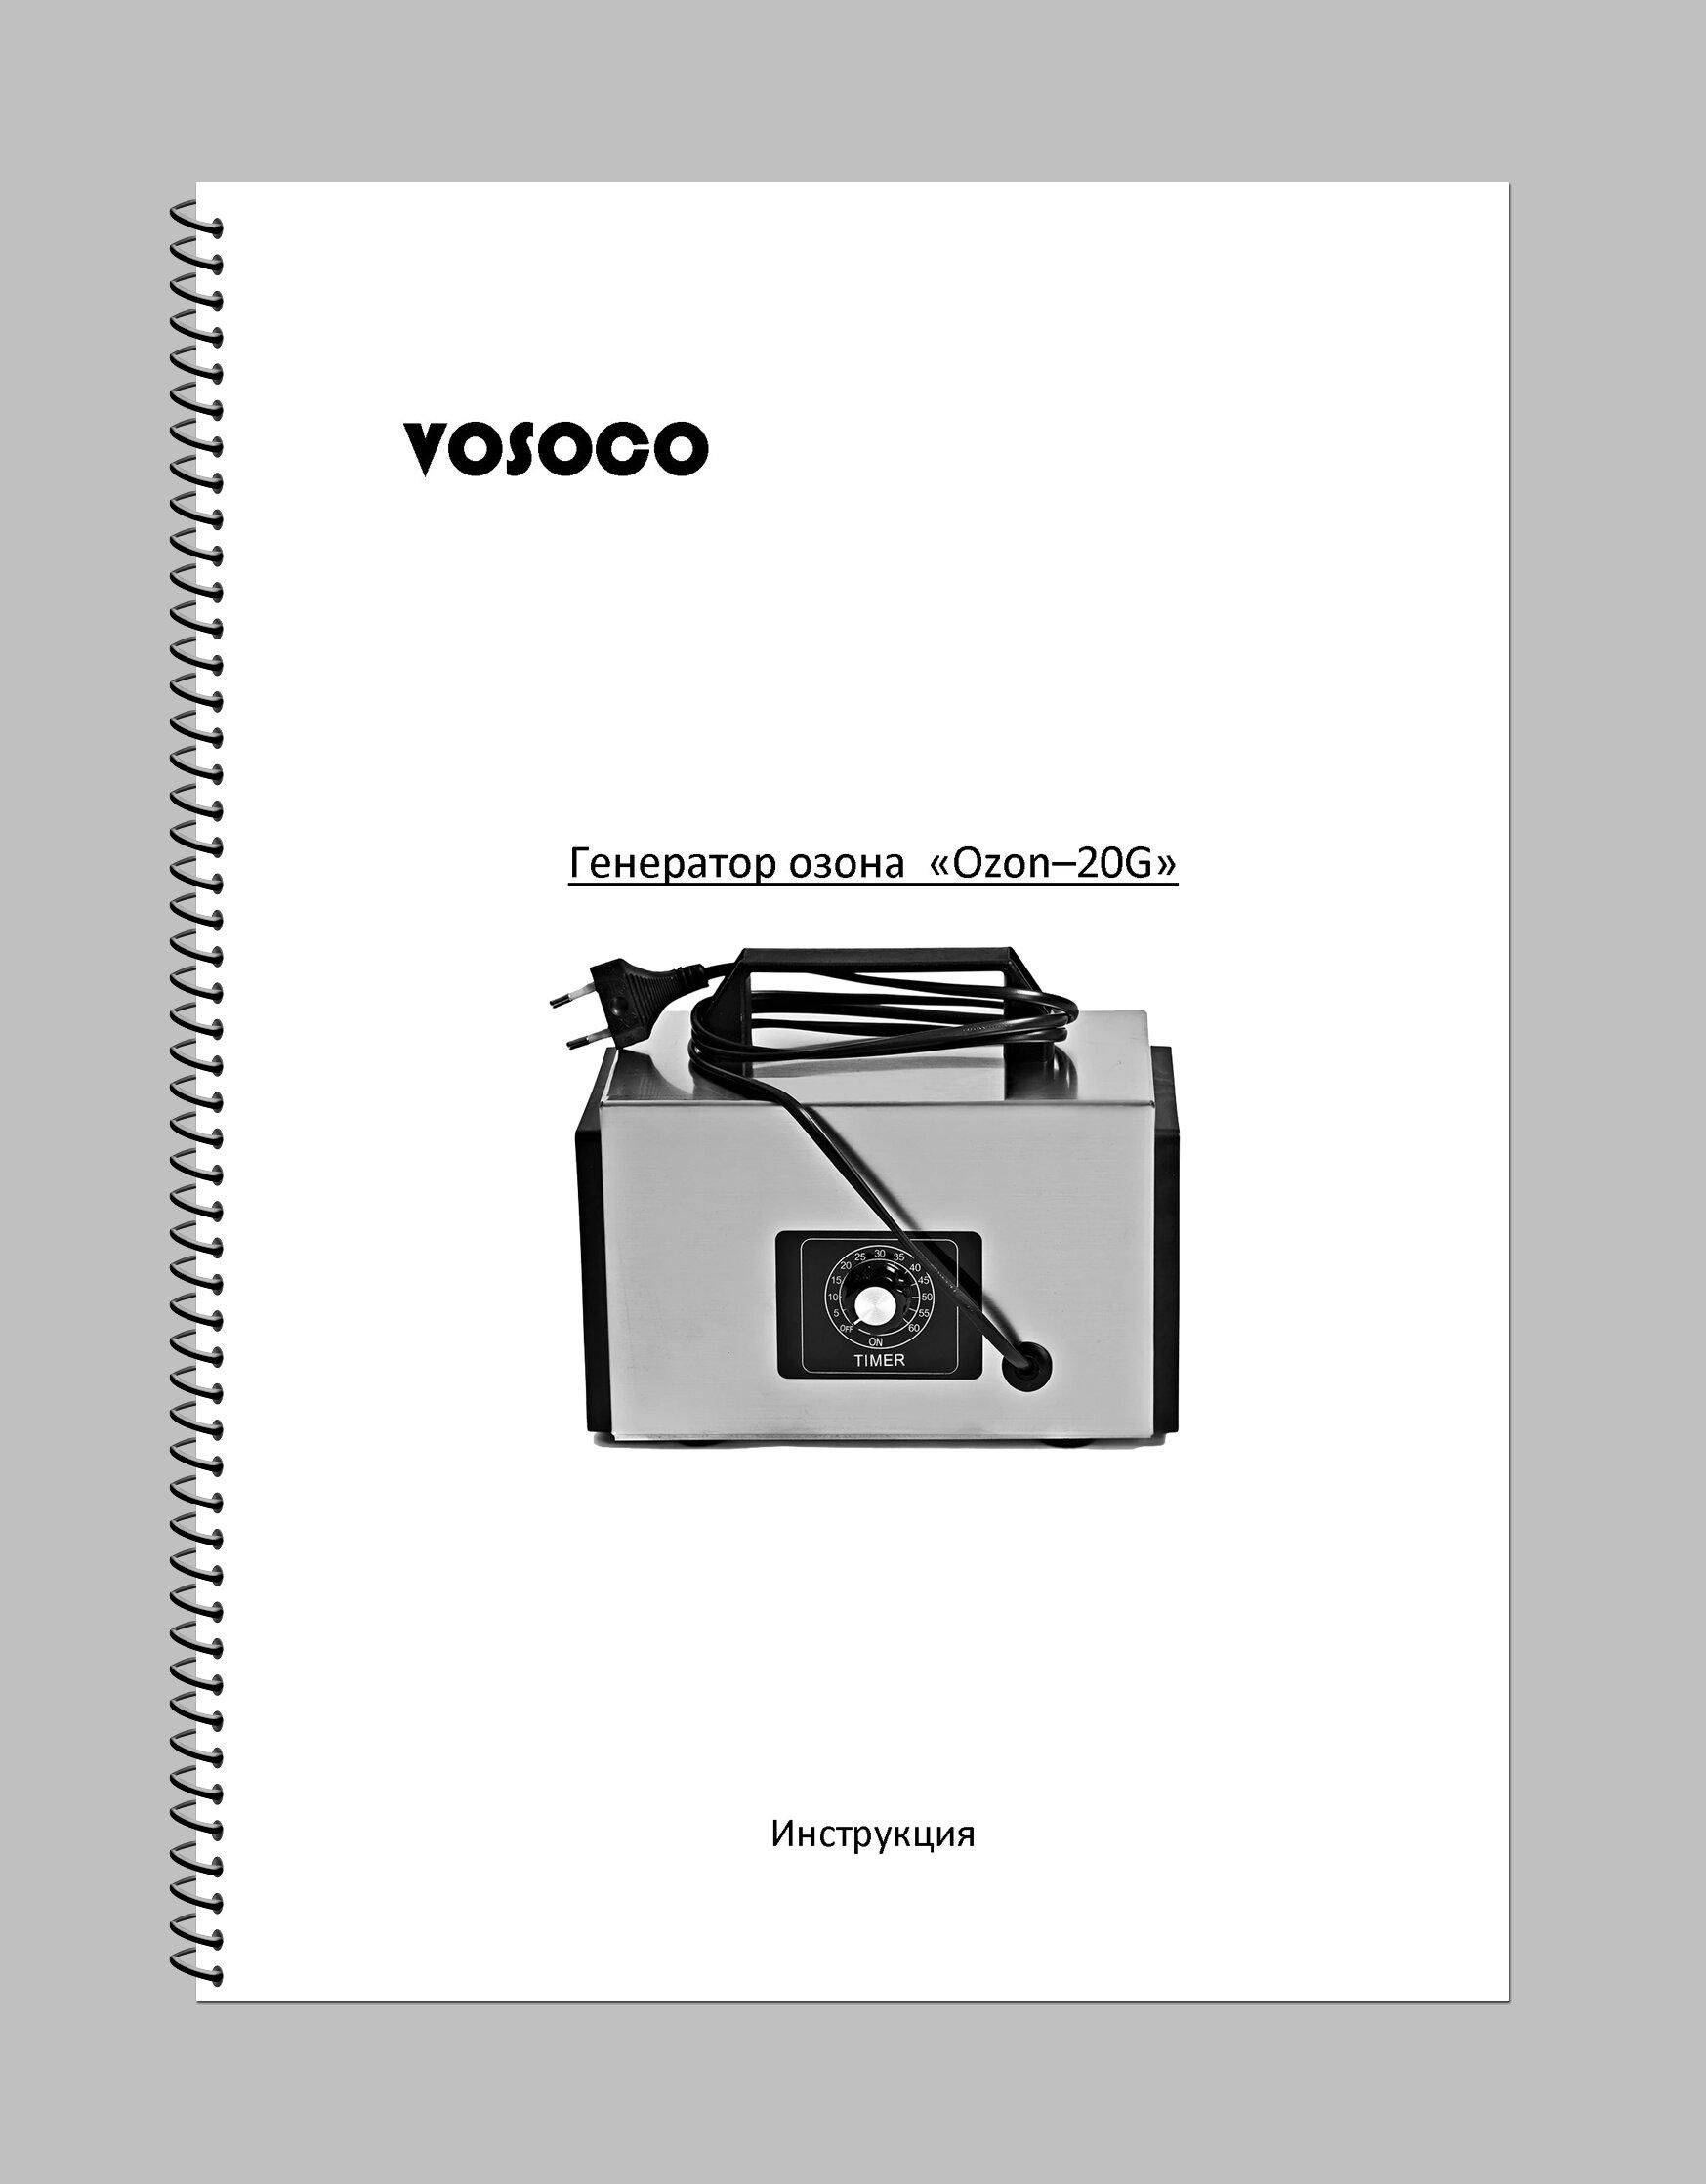 OZON-20G. Инструкция по эксплуатации, паспорт, руководство пользователя